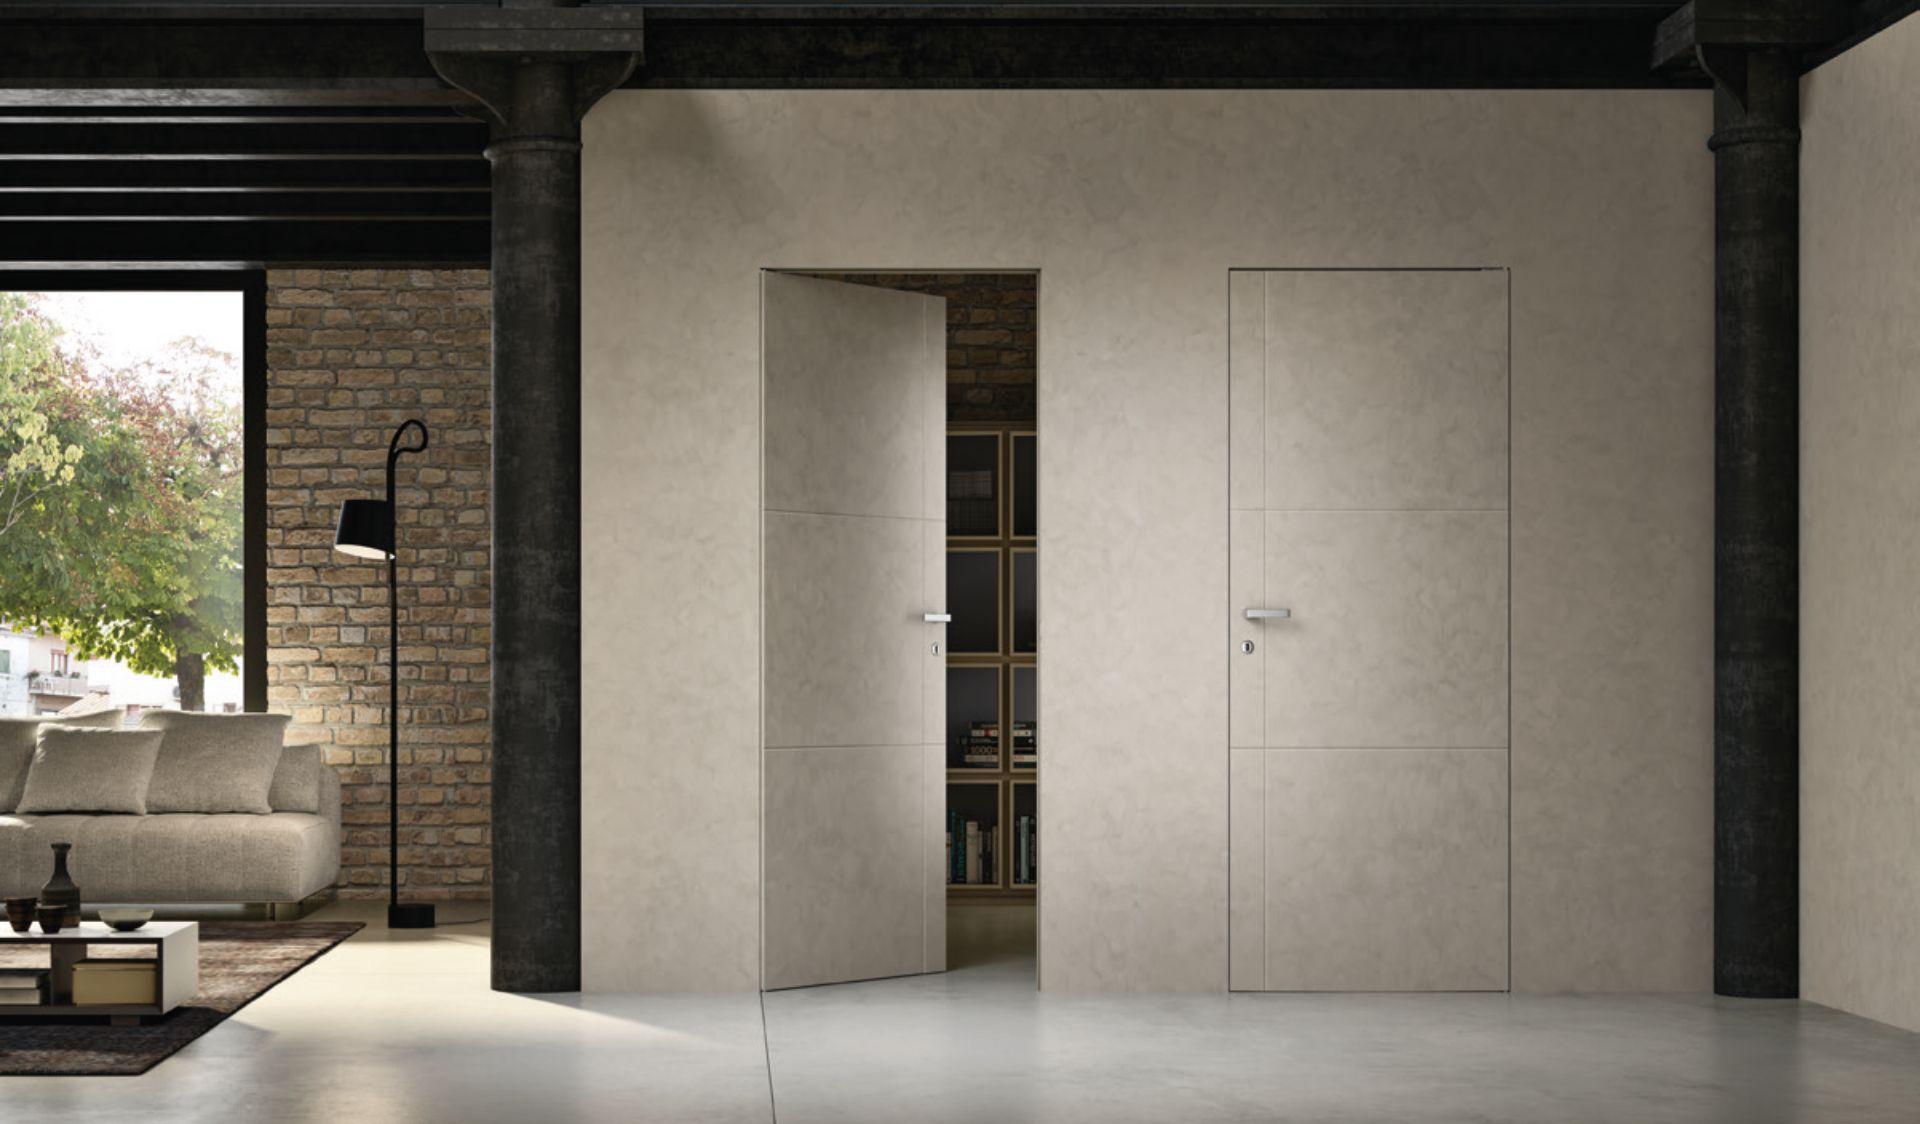 porte d'intérieur intégré à votre design